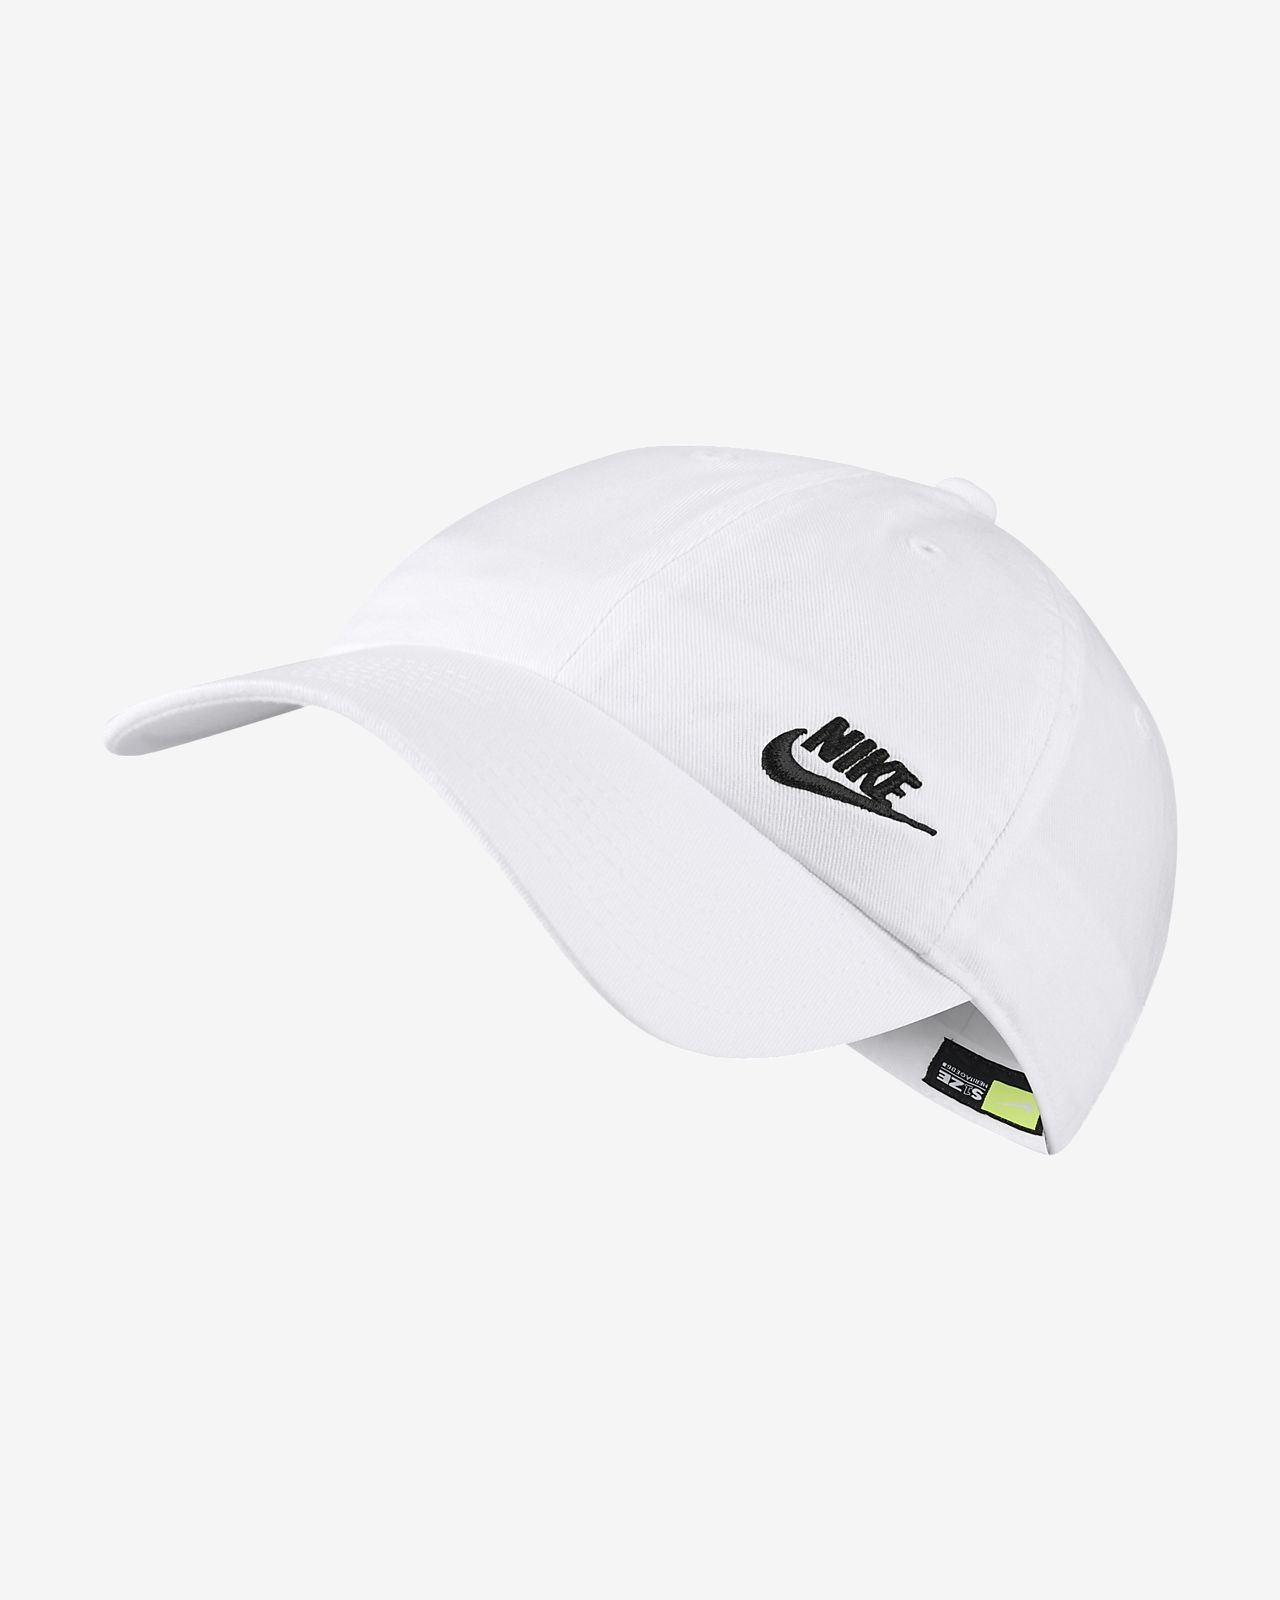 Nike Sportswear Heritage 86 Futura 可调节运动帽